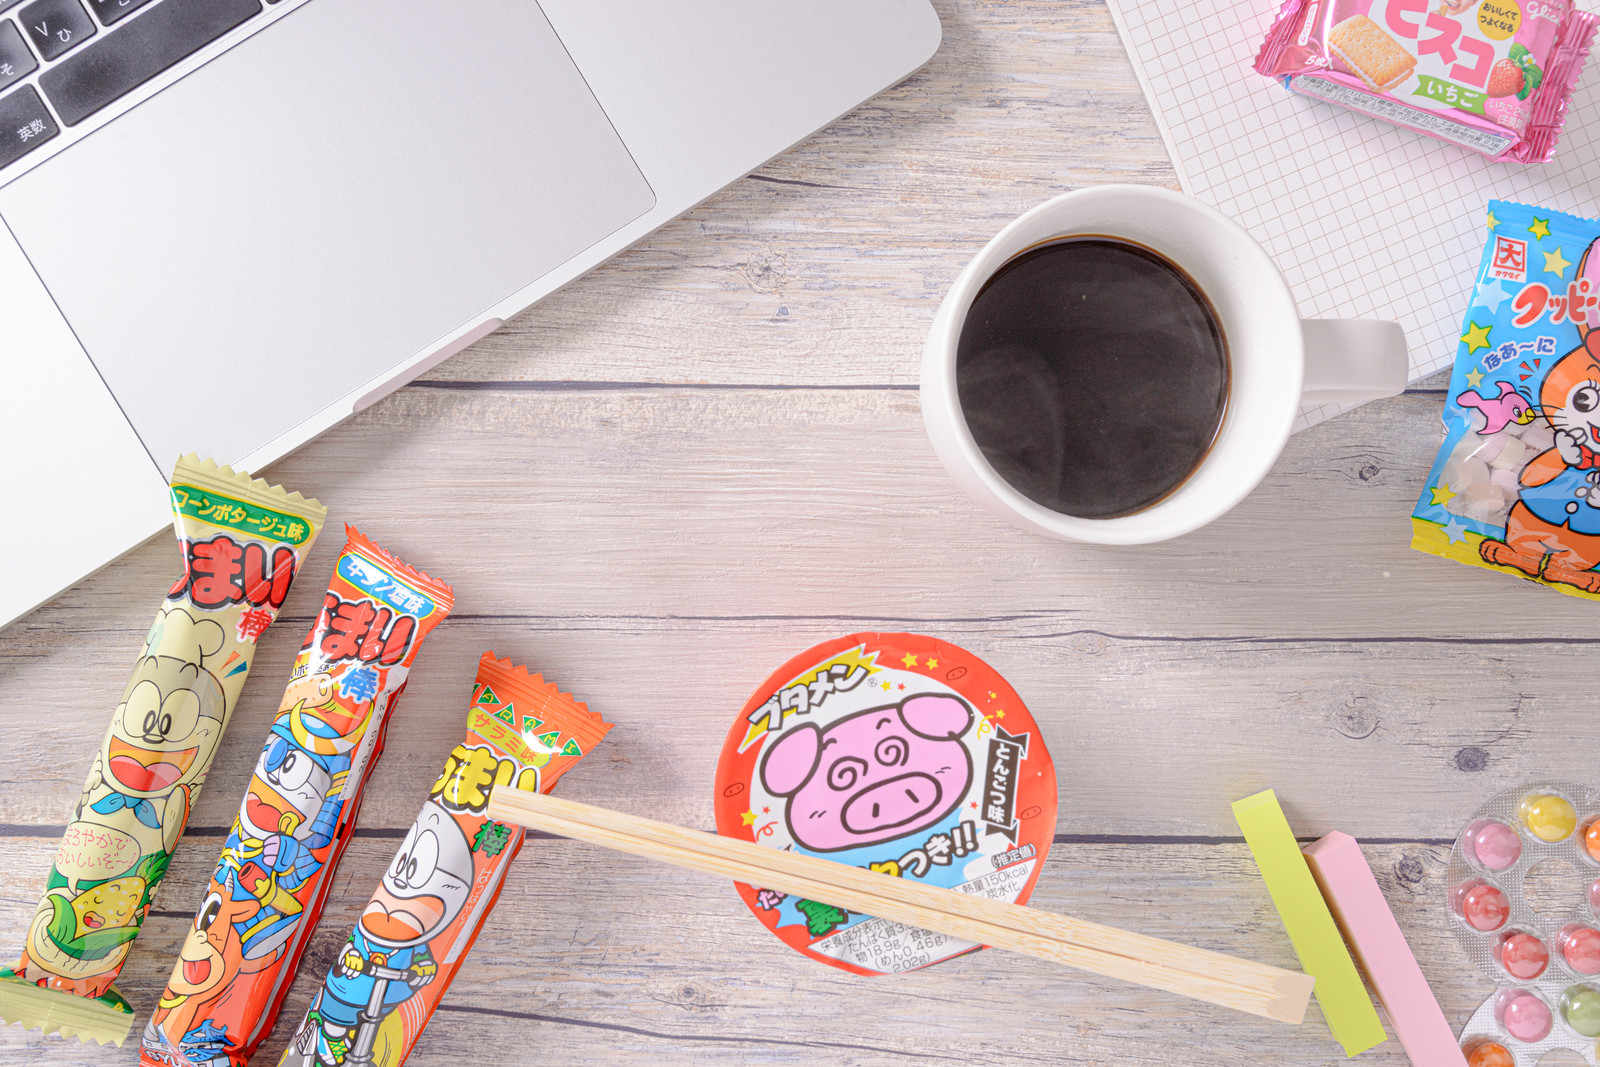 「コーヒーとブタメンの周りに散らばるお菓子類」の写真